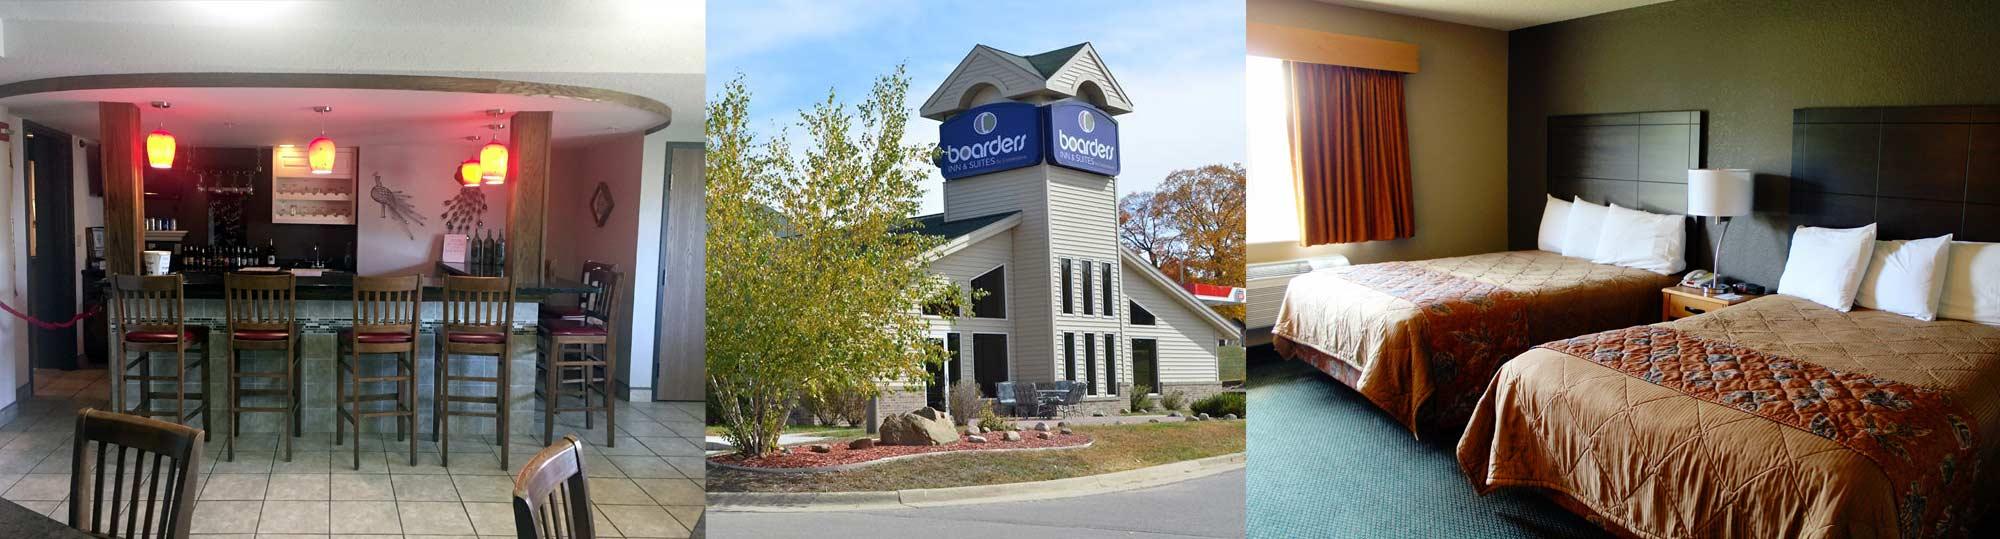 Boarders Inn & Suites Fayette